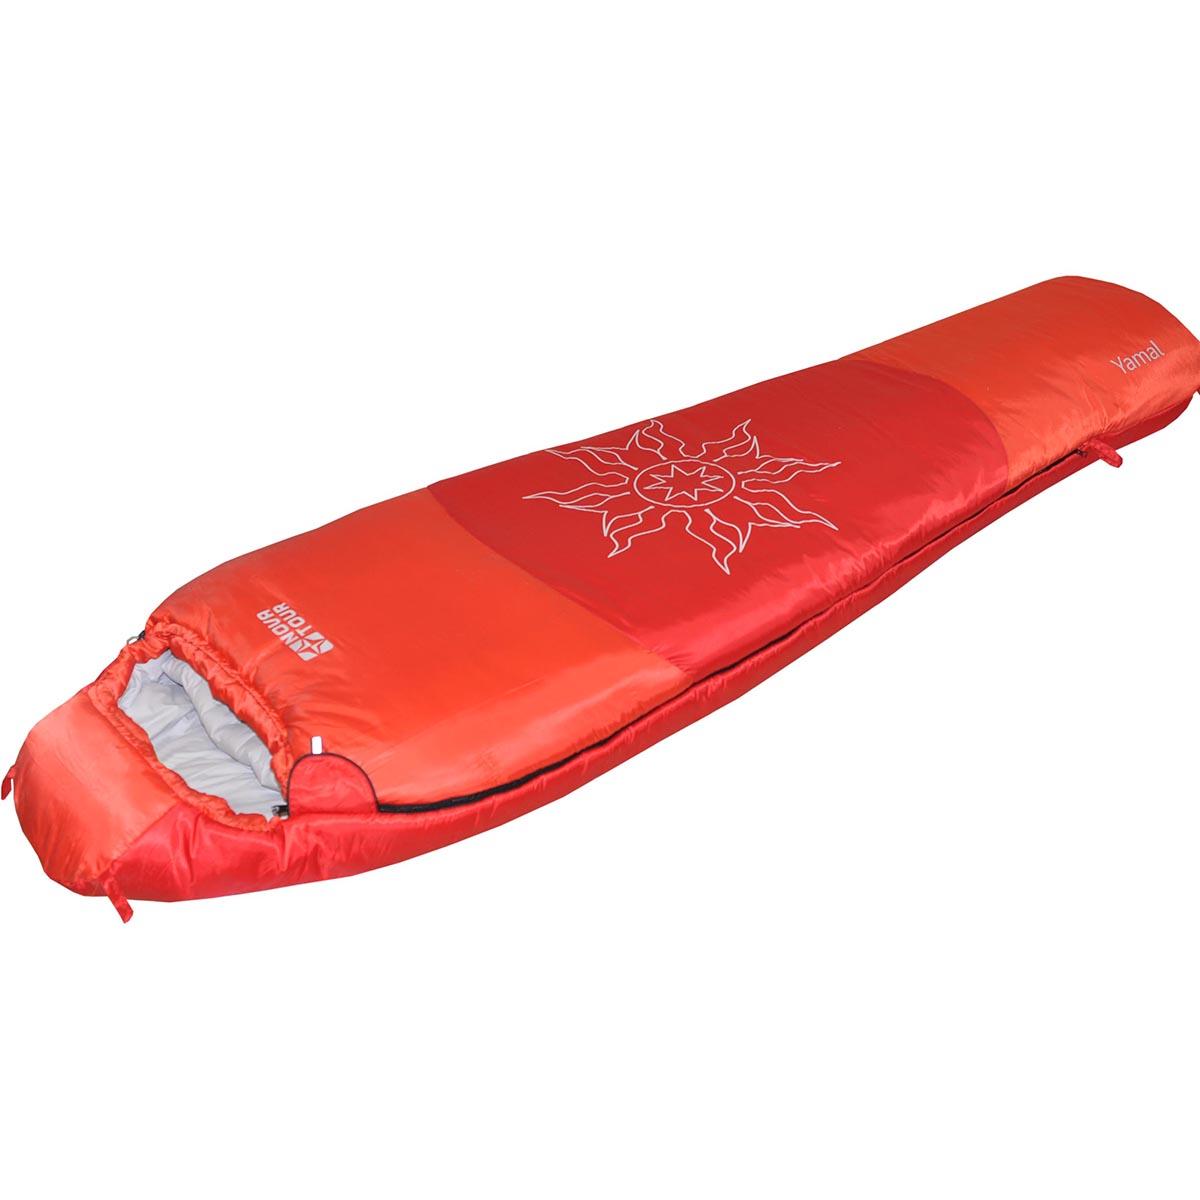 Спальный мешок Nova Tour Ямал -30 V2, цвет: красный, левосторонняя молния67742Спальный мешок Nova Tour Ямал -30 V2 - конструкции - кокон и синтетическим наполнителем для использования при очень низких температурах. Утягивающийся капюшон, шейный воротник - сохраняют тепло. Двухзамковая молния позволяет состегнуть два спальных мешка левого и правого исполнения в один двойной. Компрессионный мешок в комплекте.